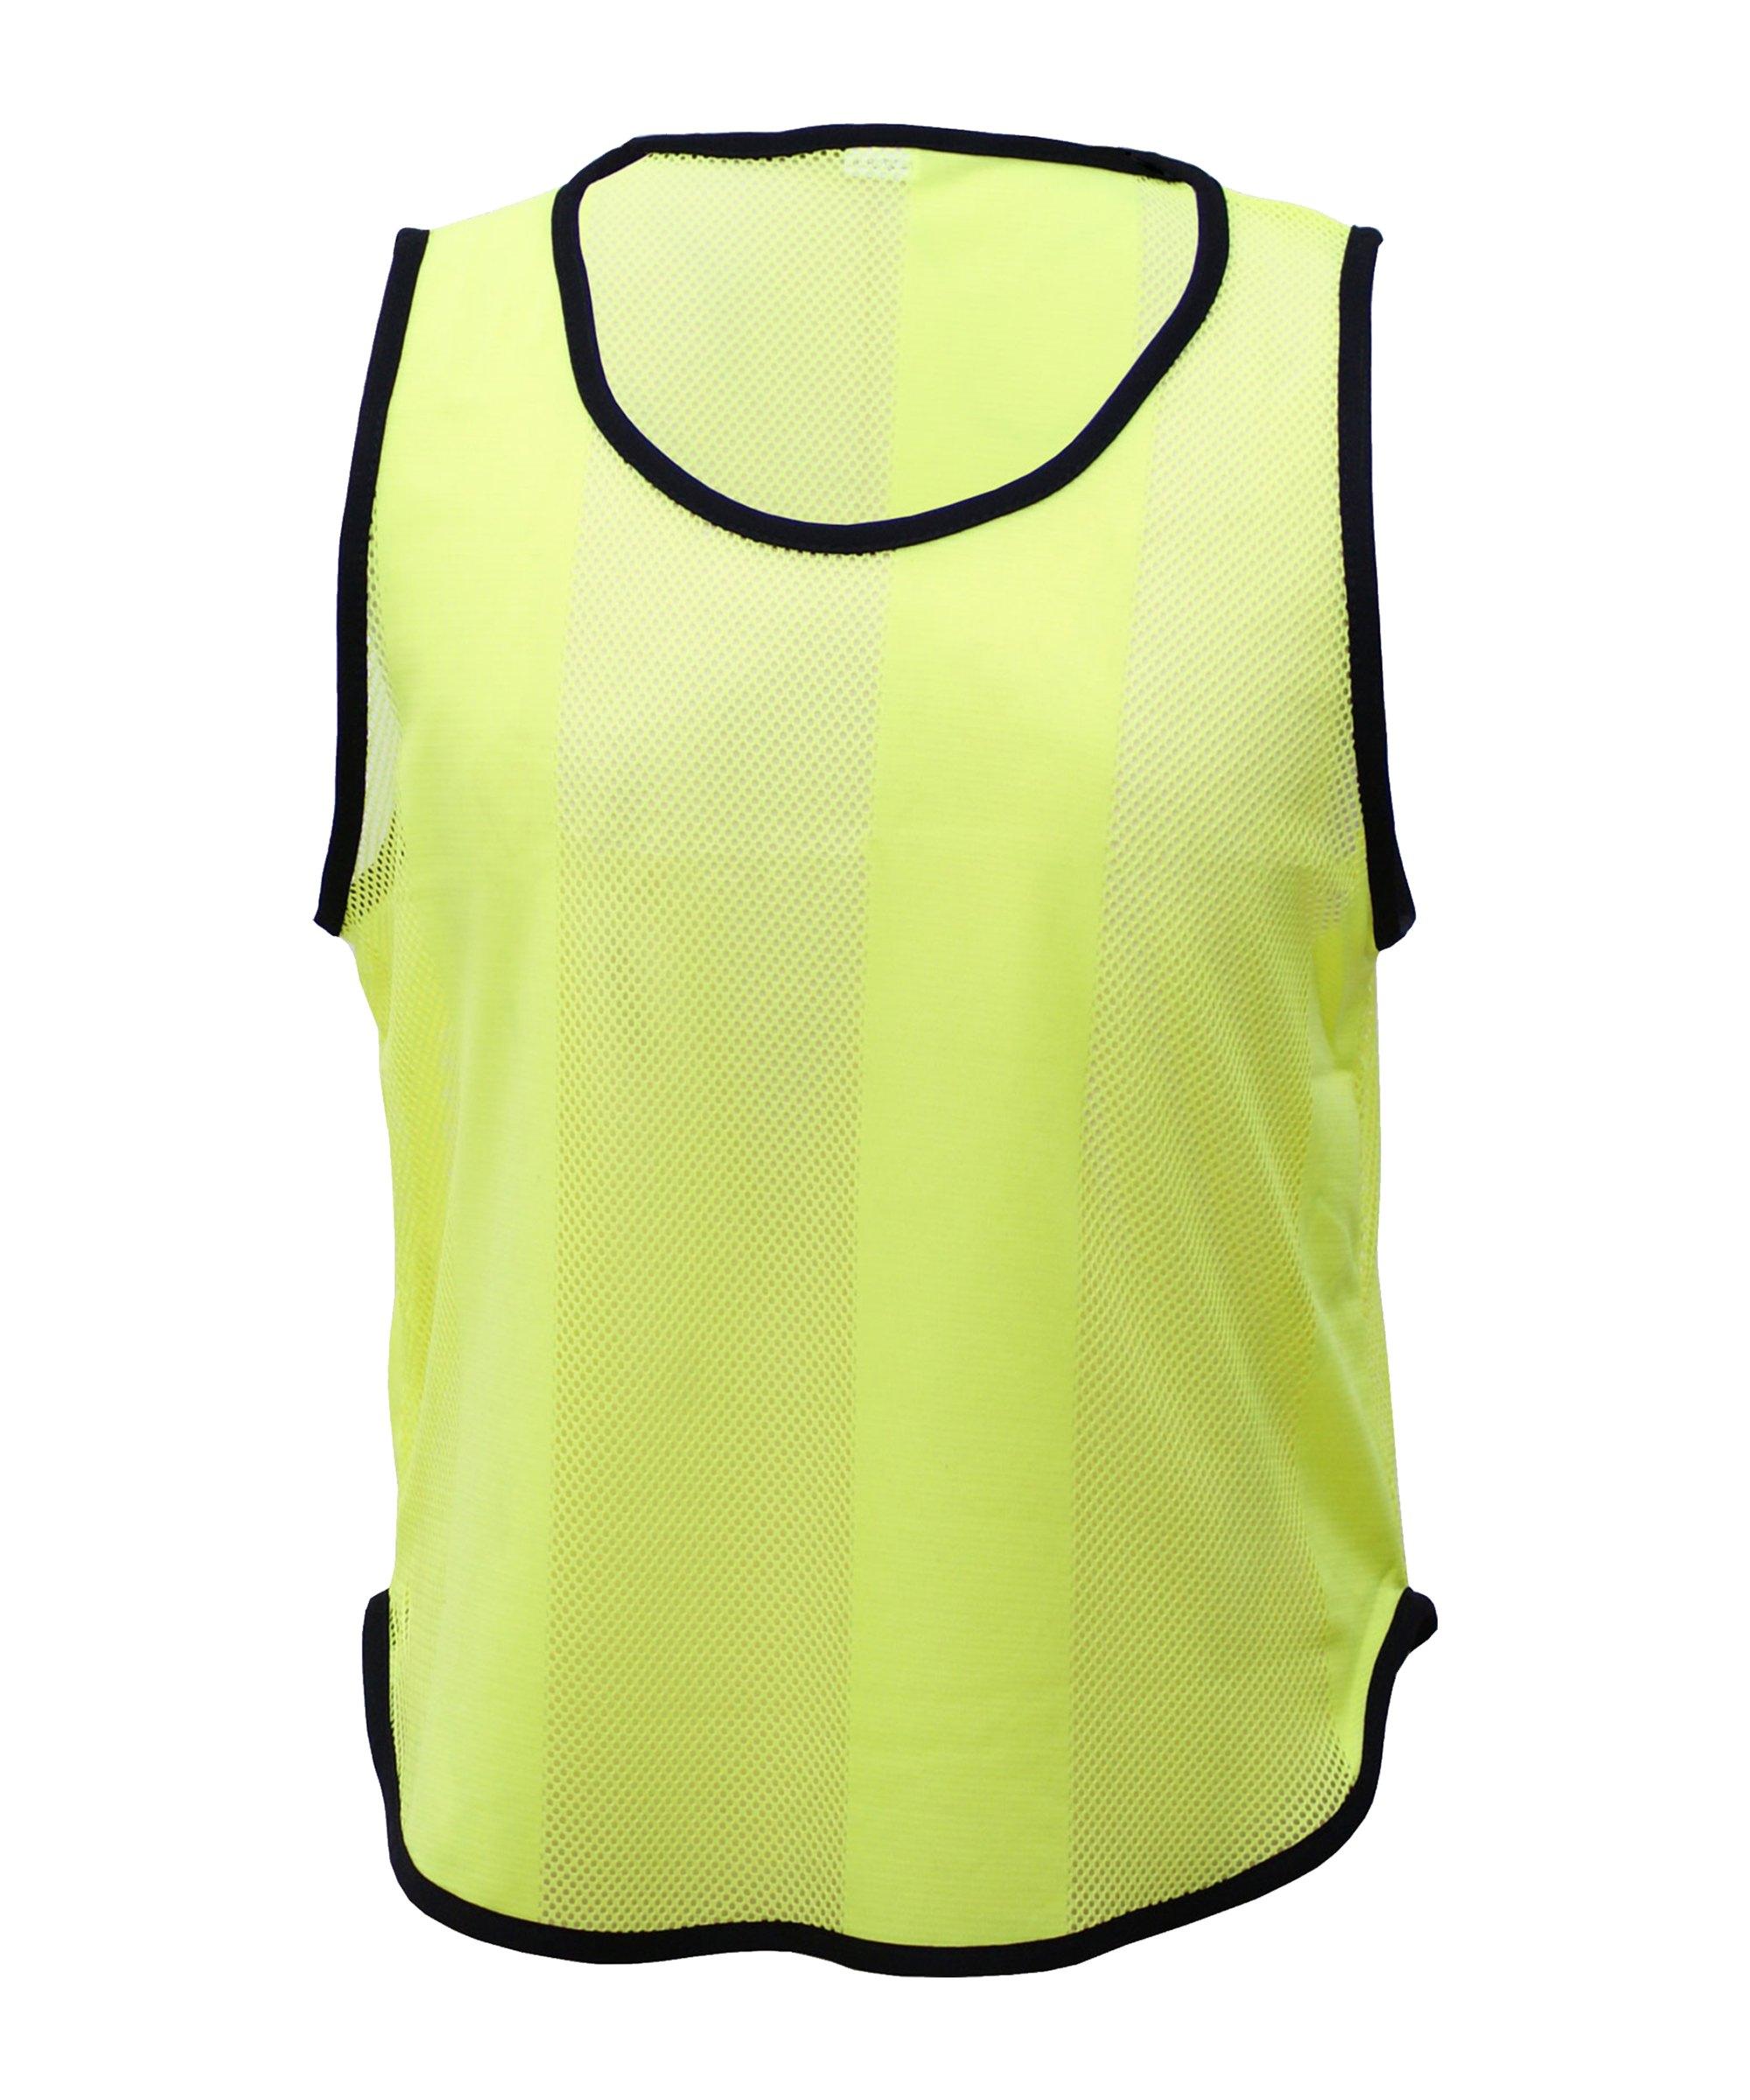 Cawila Trainingsleibchen UNI Mini Gelb - gelb